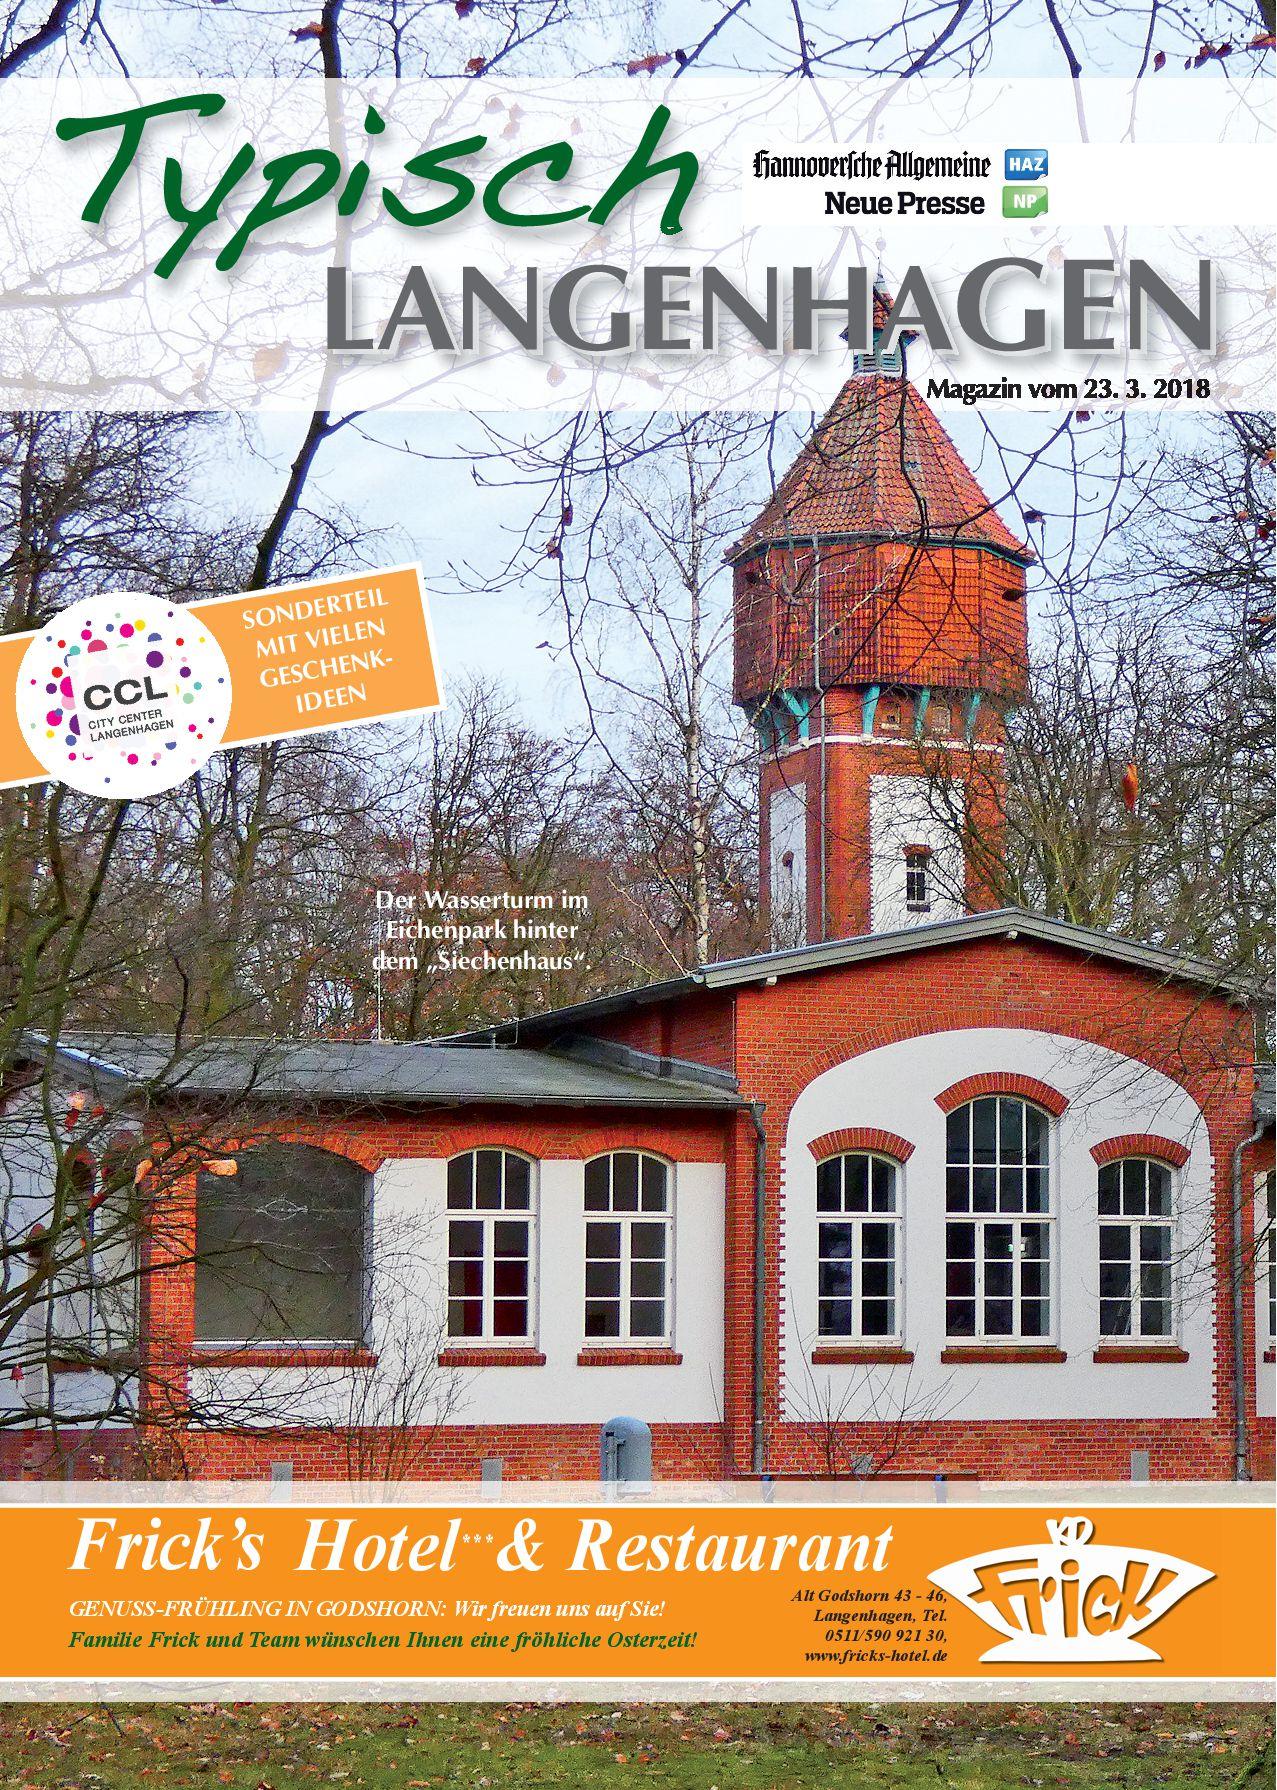 langenhagen-vom-23-03-2018